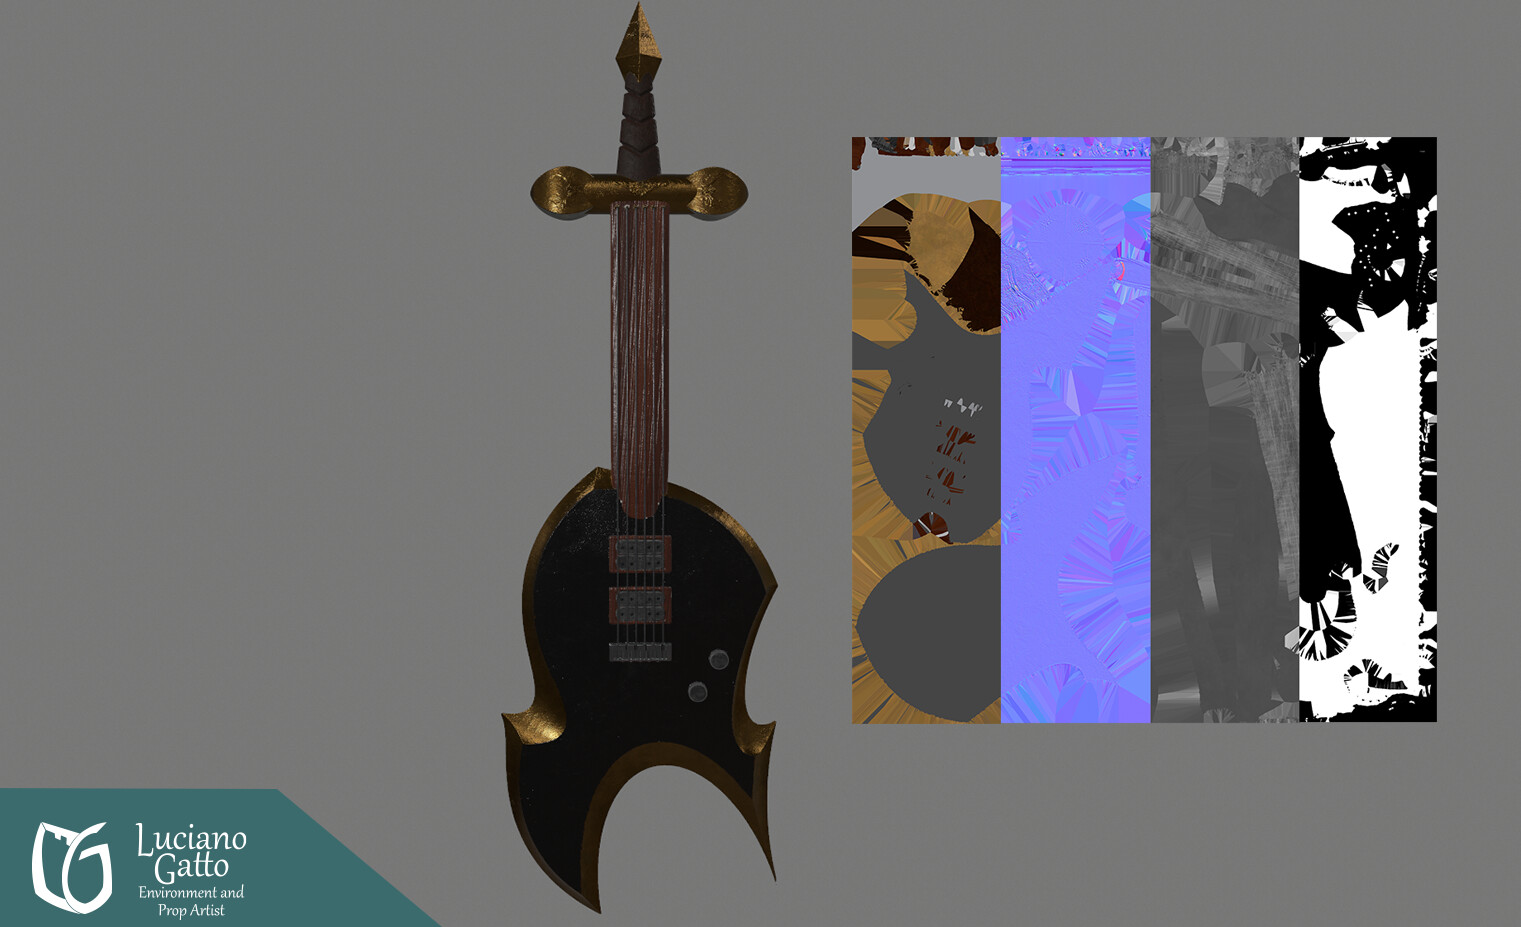 Luciano gatto guitarmaps